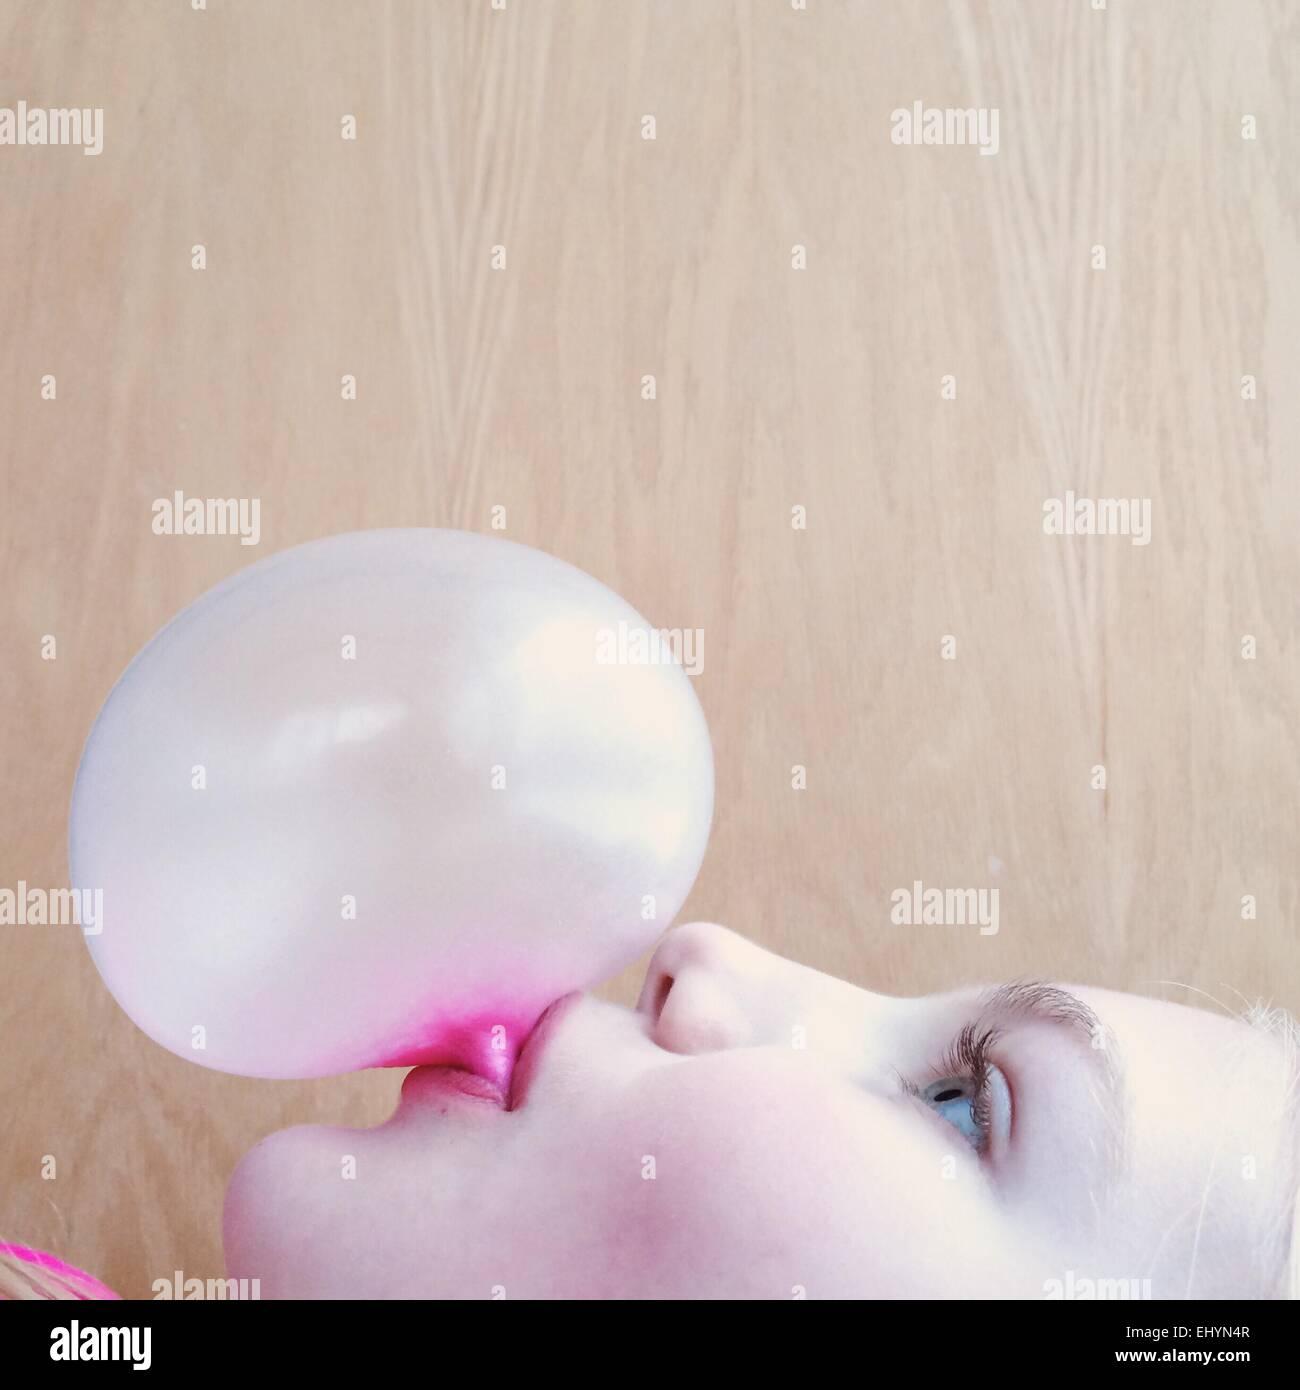 Portrait of a girl blowing a bubblegum bubble - Stock Image